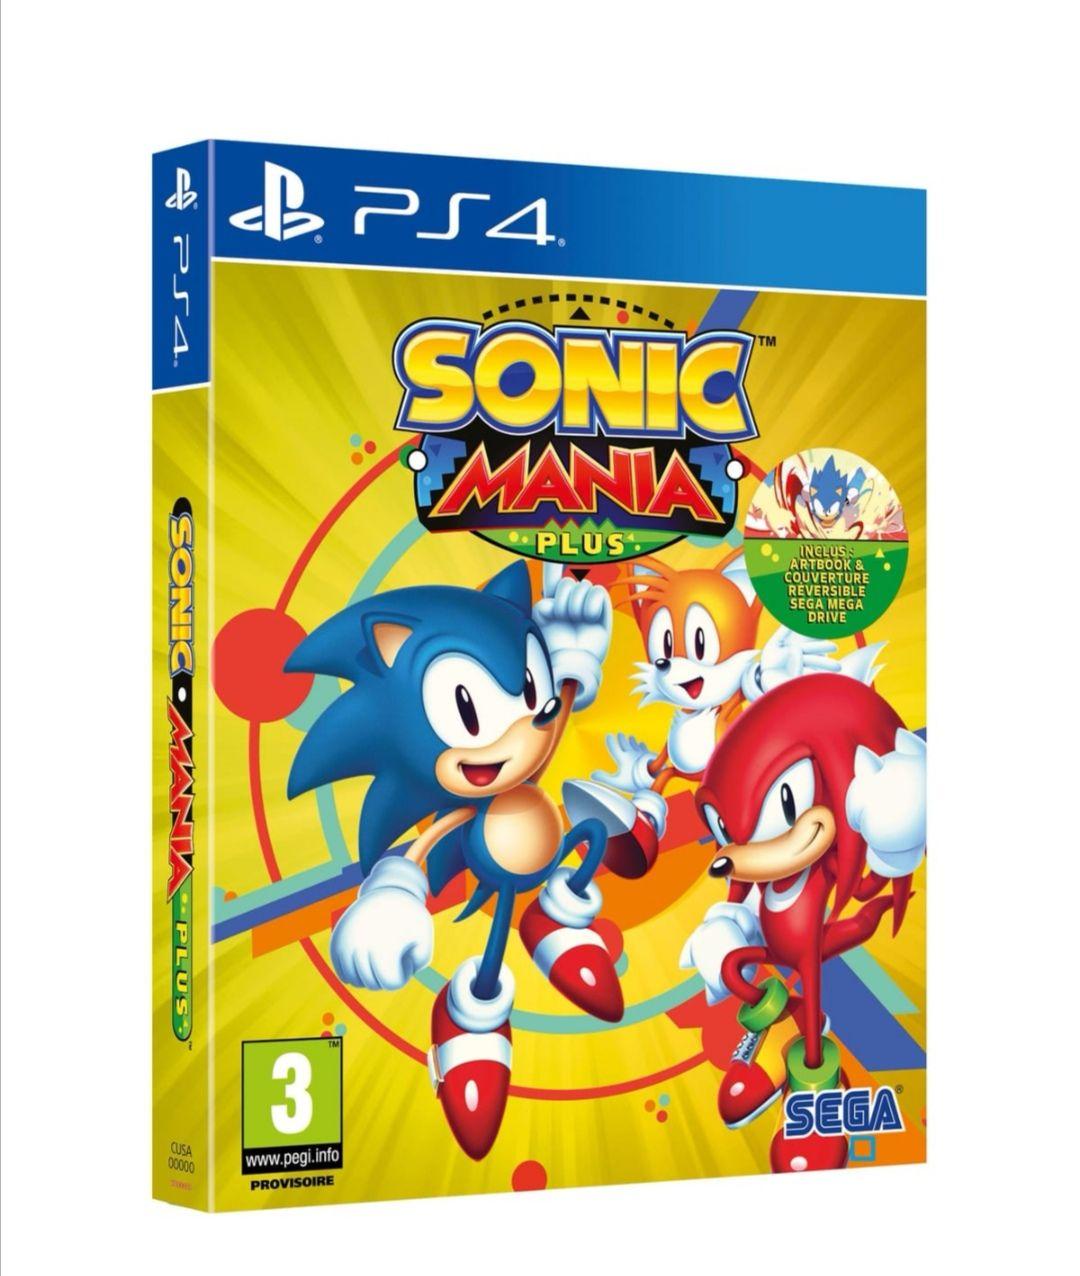 Sélection de jeux PS4 à 10€ - Ex: Sonic Mania Plus